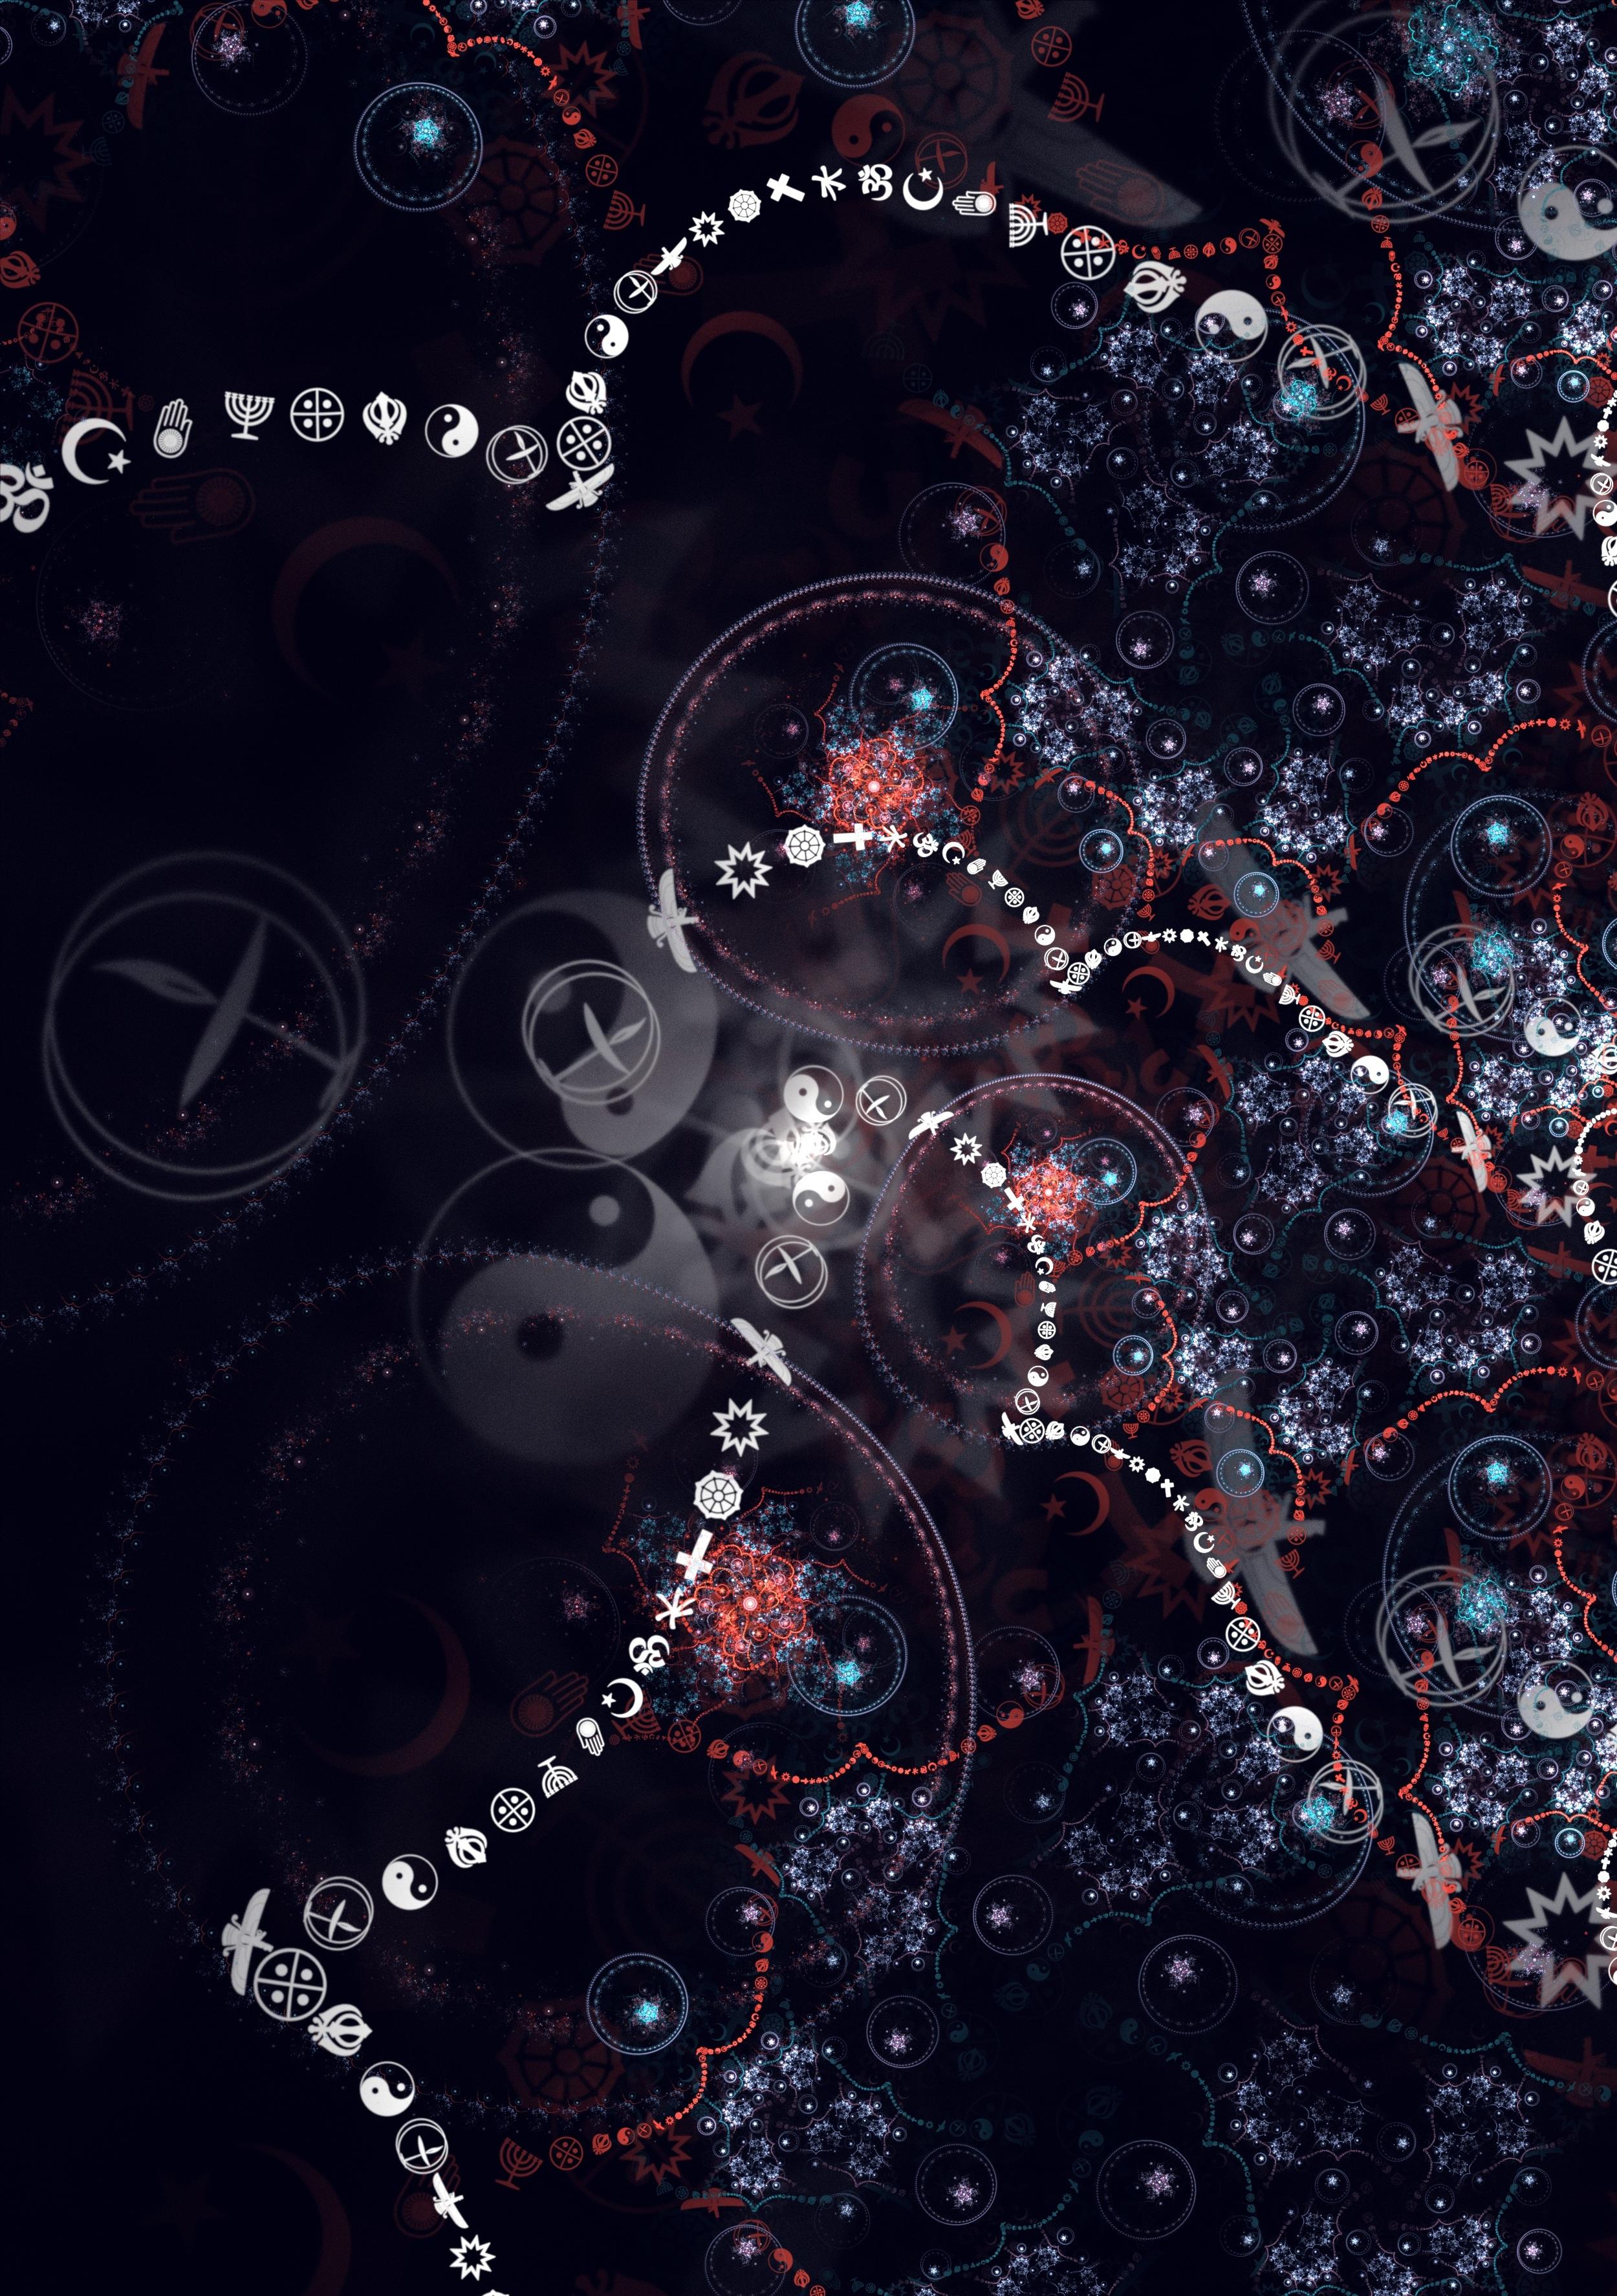 74231 Hintergrundbild herunterladen Abstrakt, Patterns, Symbole, Zeichen, Scheinen, Brillanz, Fraktale - Bildschirmschoner und Bilder kostenlos